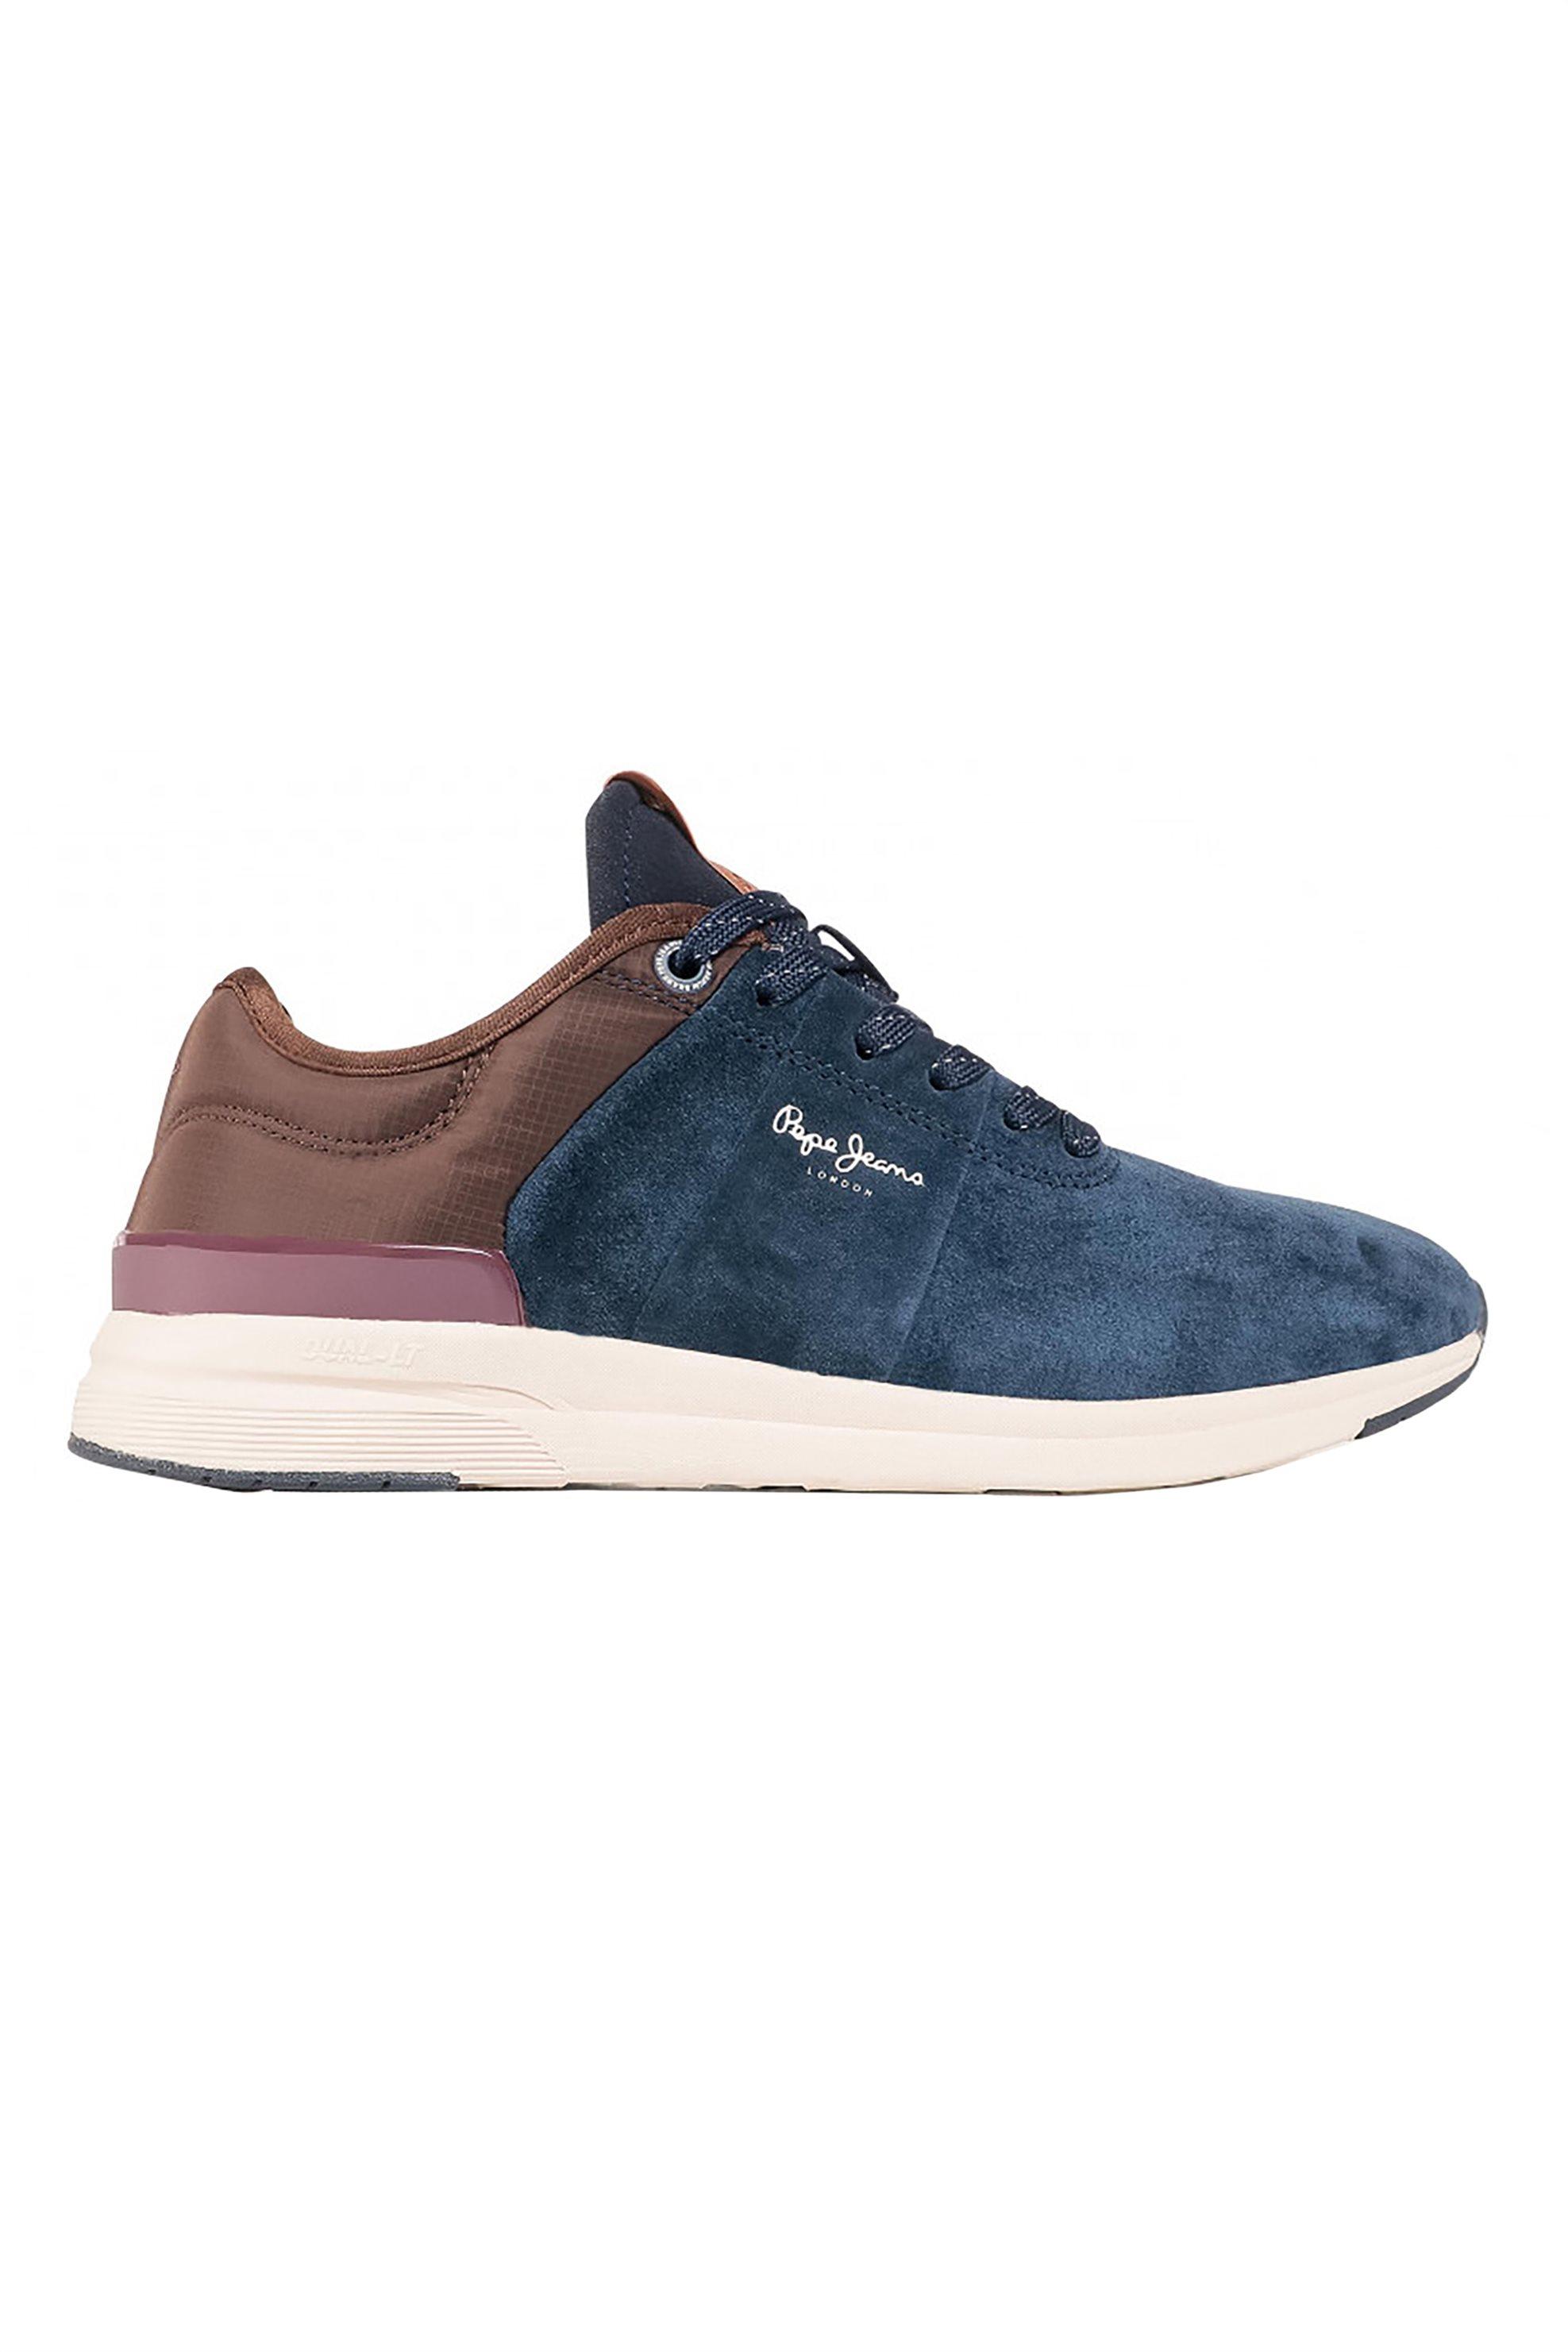 """Pepe Jeans ανδρικά suede sneakers με κορδόνια """"Jayker Street"""" – PMS30638 – Μπλε Σκούρο"""